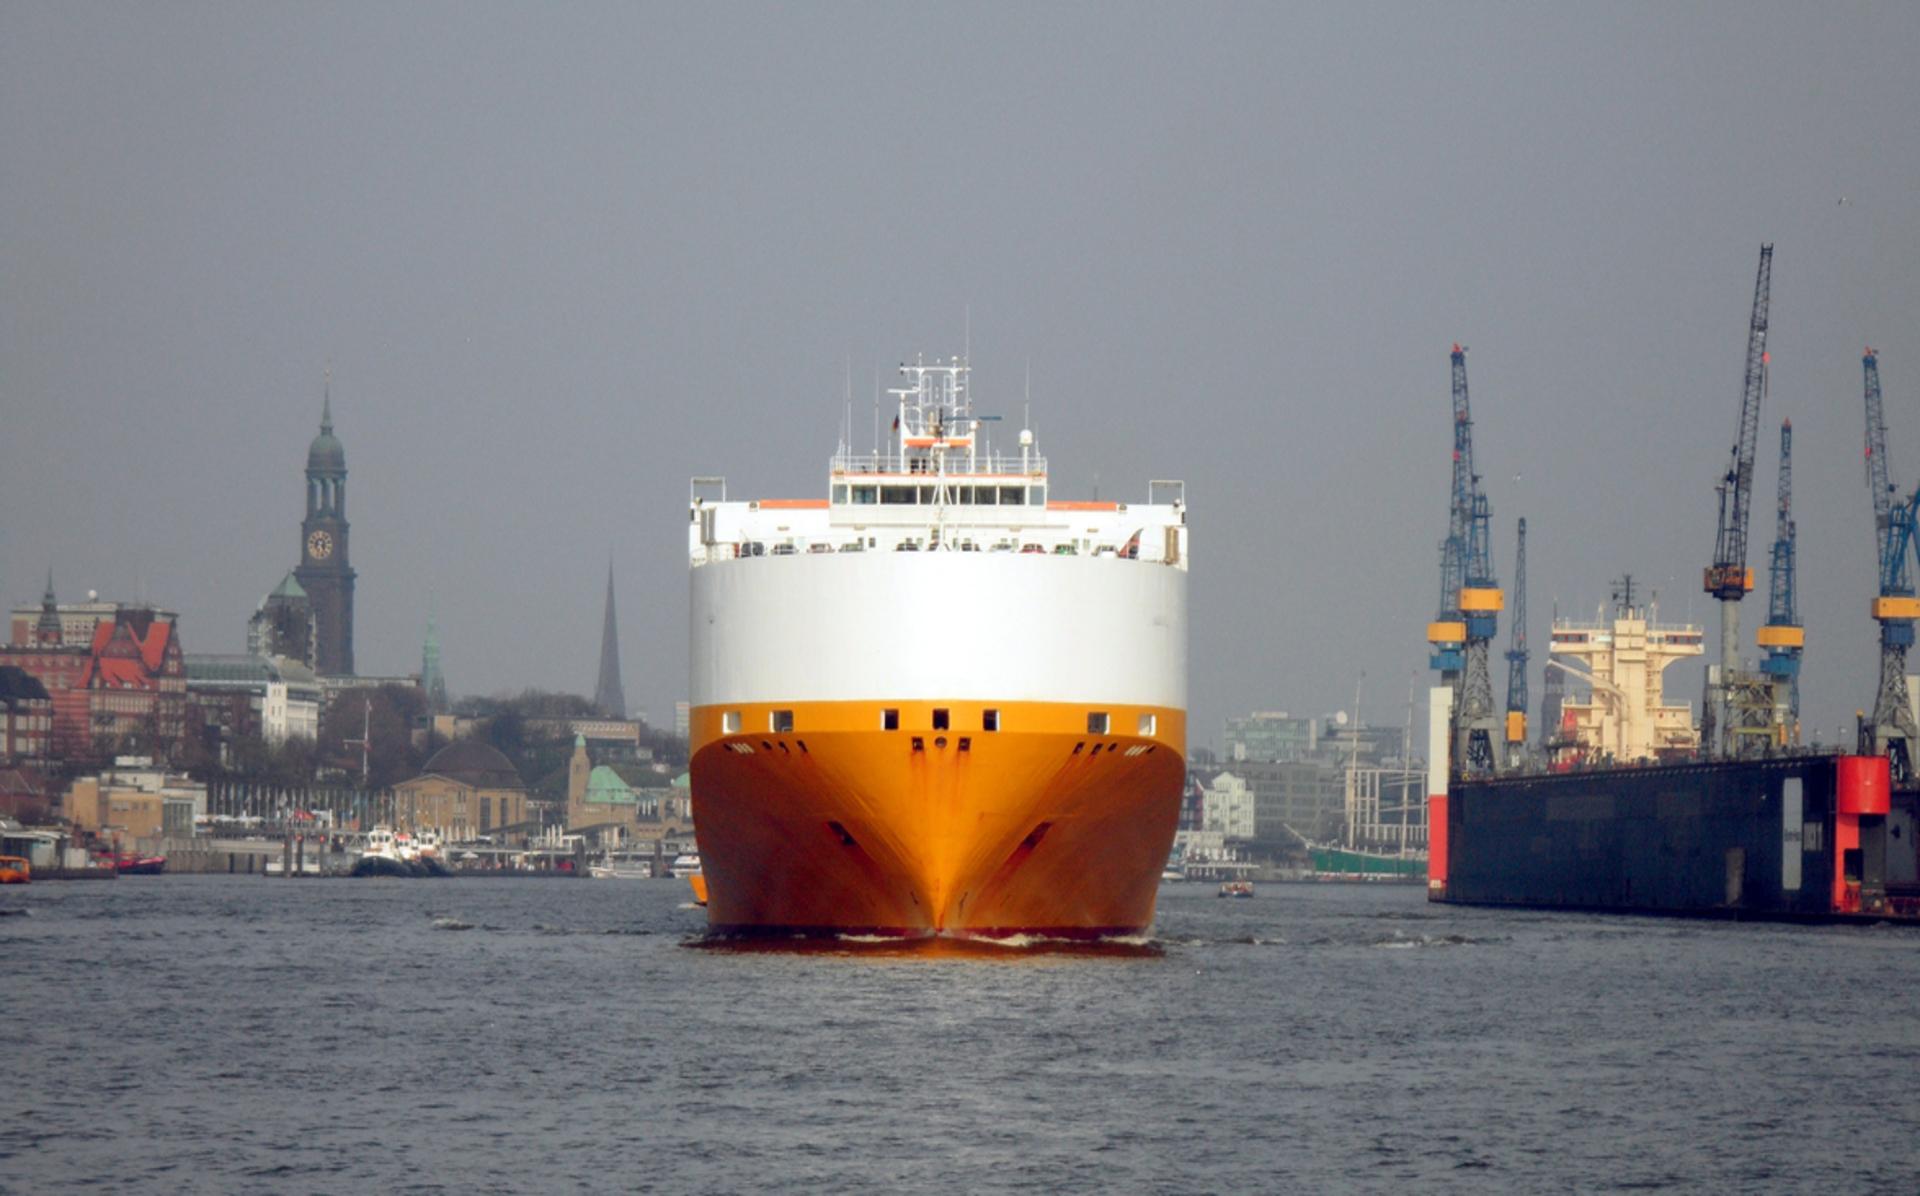 didziausiame-pasaulyje-ro-ro-tipo-laive-jau-veikia-lietuvoje-sukurta-it-sistema